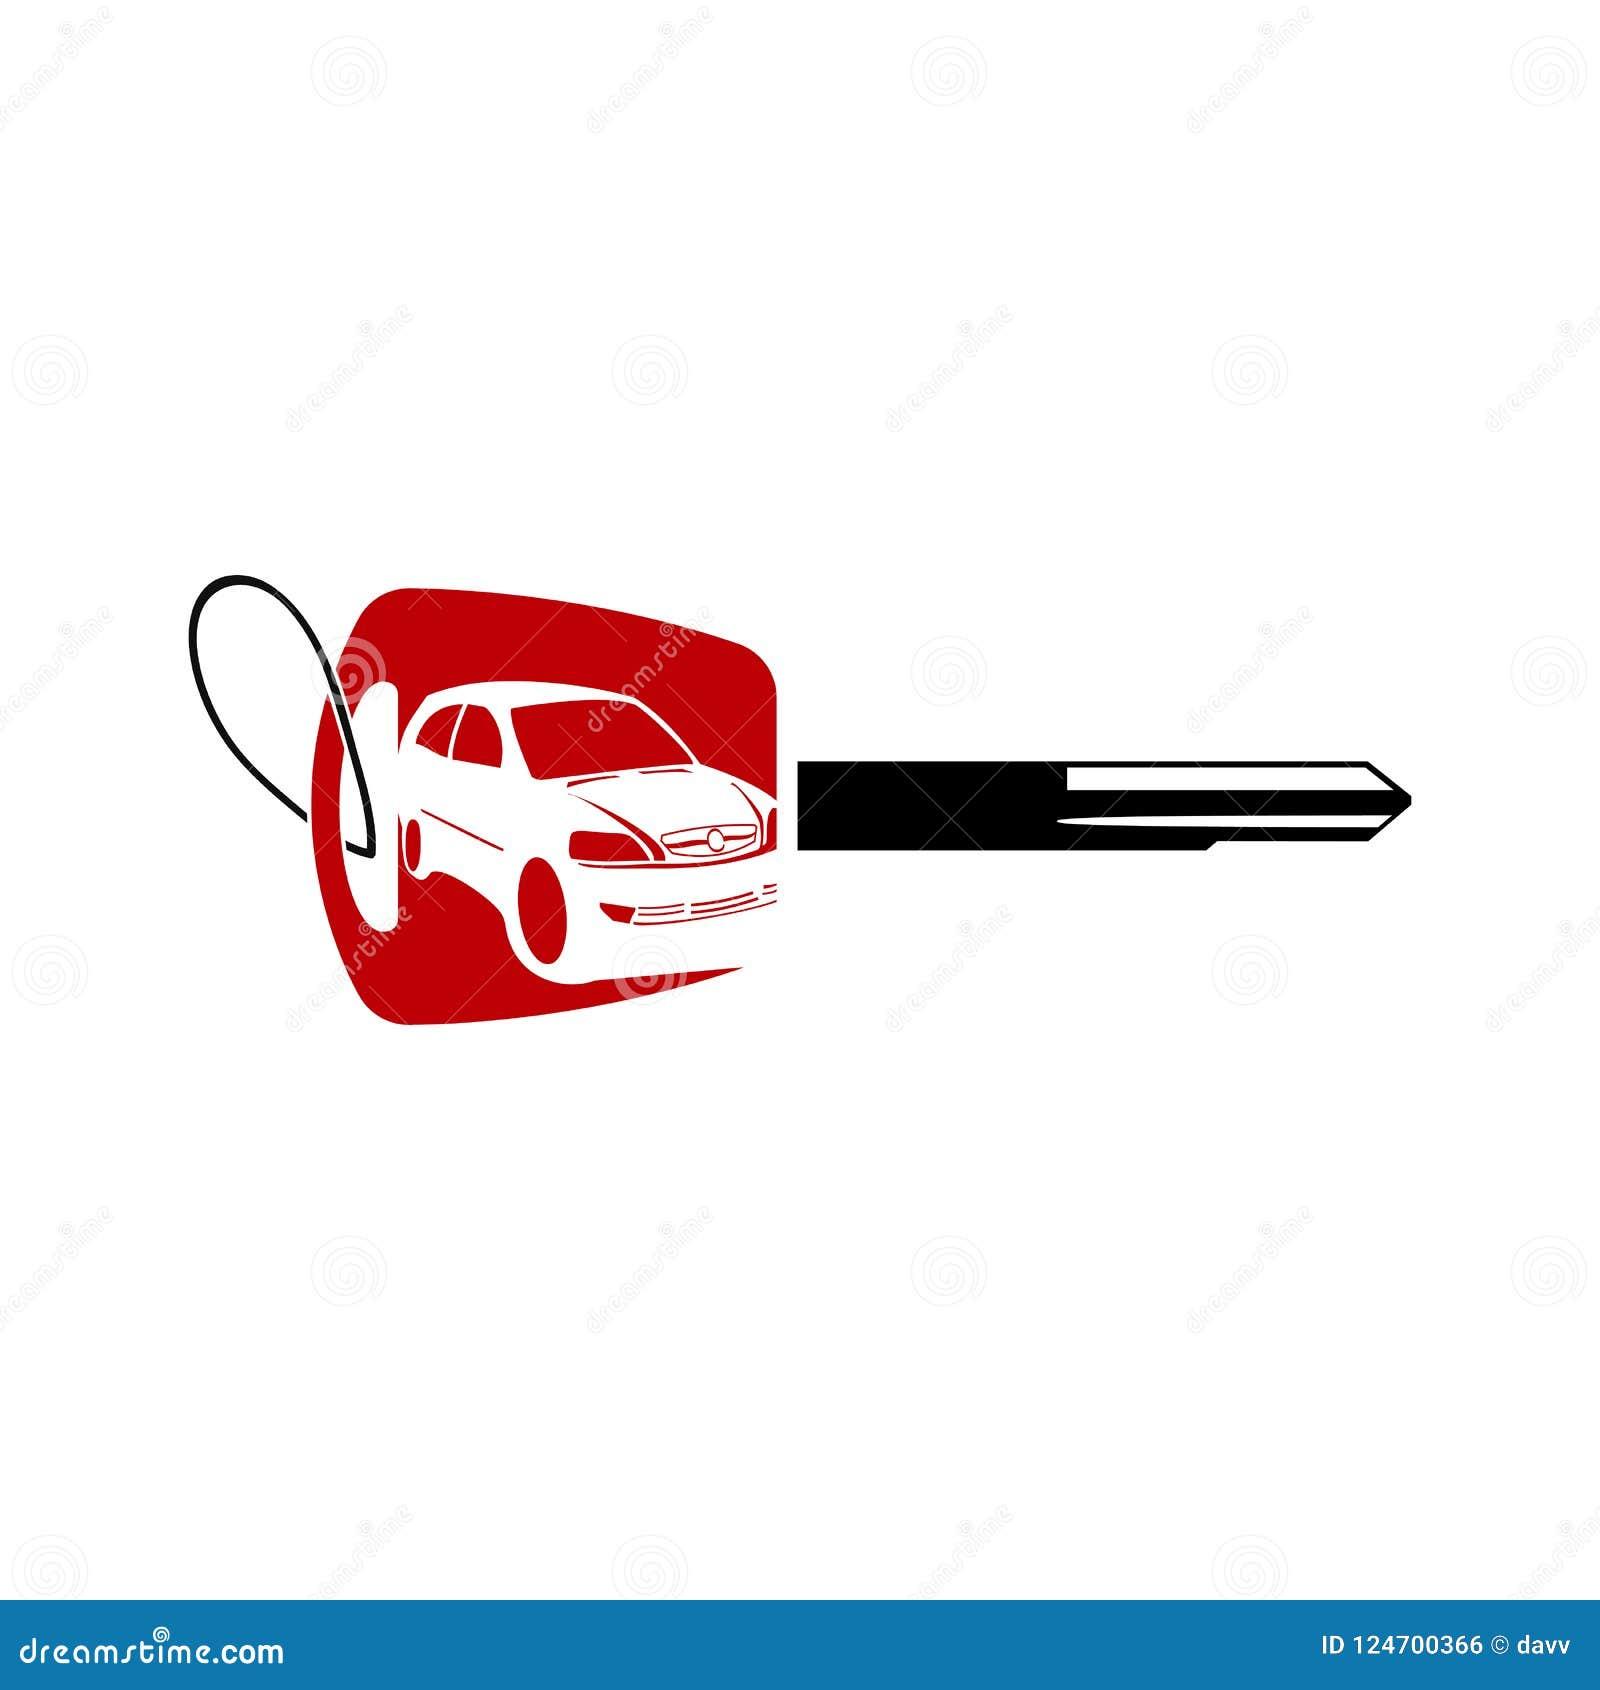 Car Logo Design With Key Auto Car Logo Silhouette Logo Design Vector Icons Stock Vector Illustration Of Design Rally 124700366